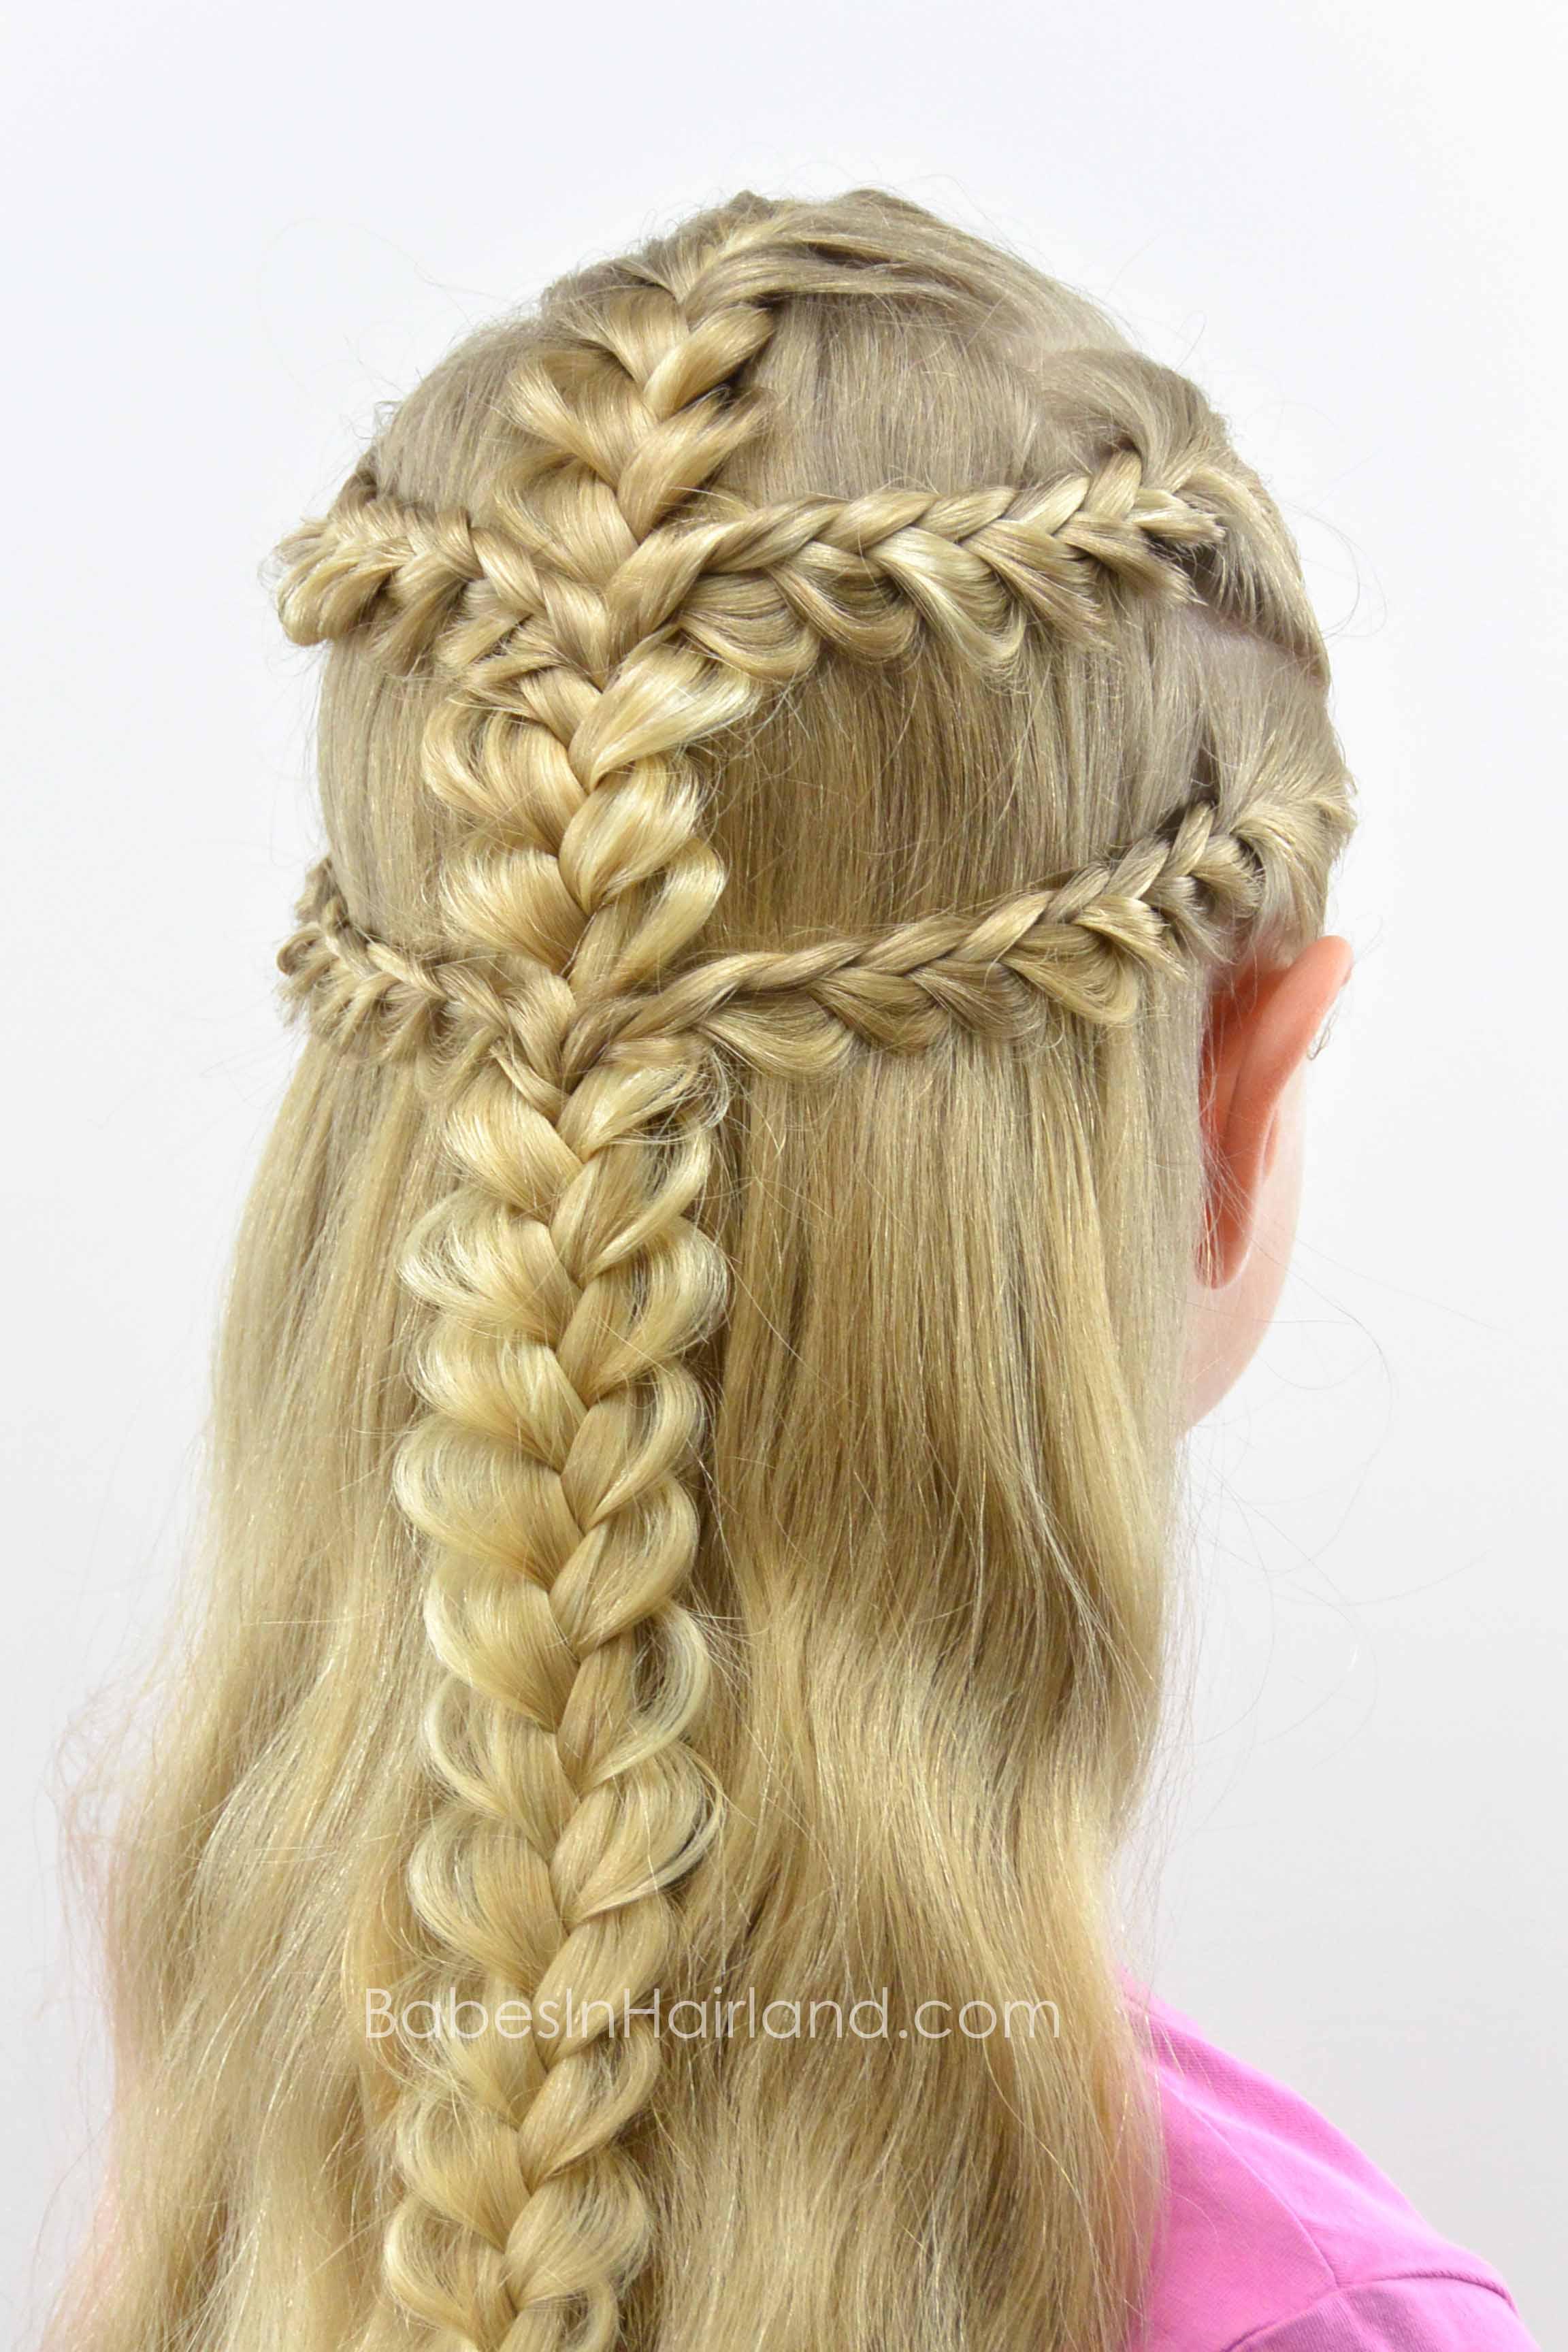 viking braids babes in hairland